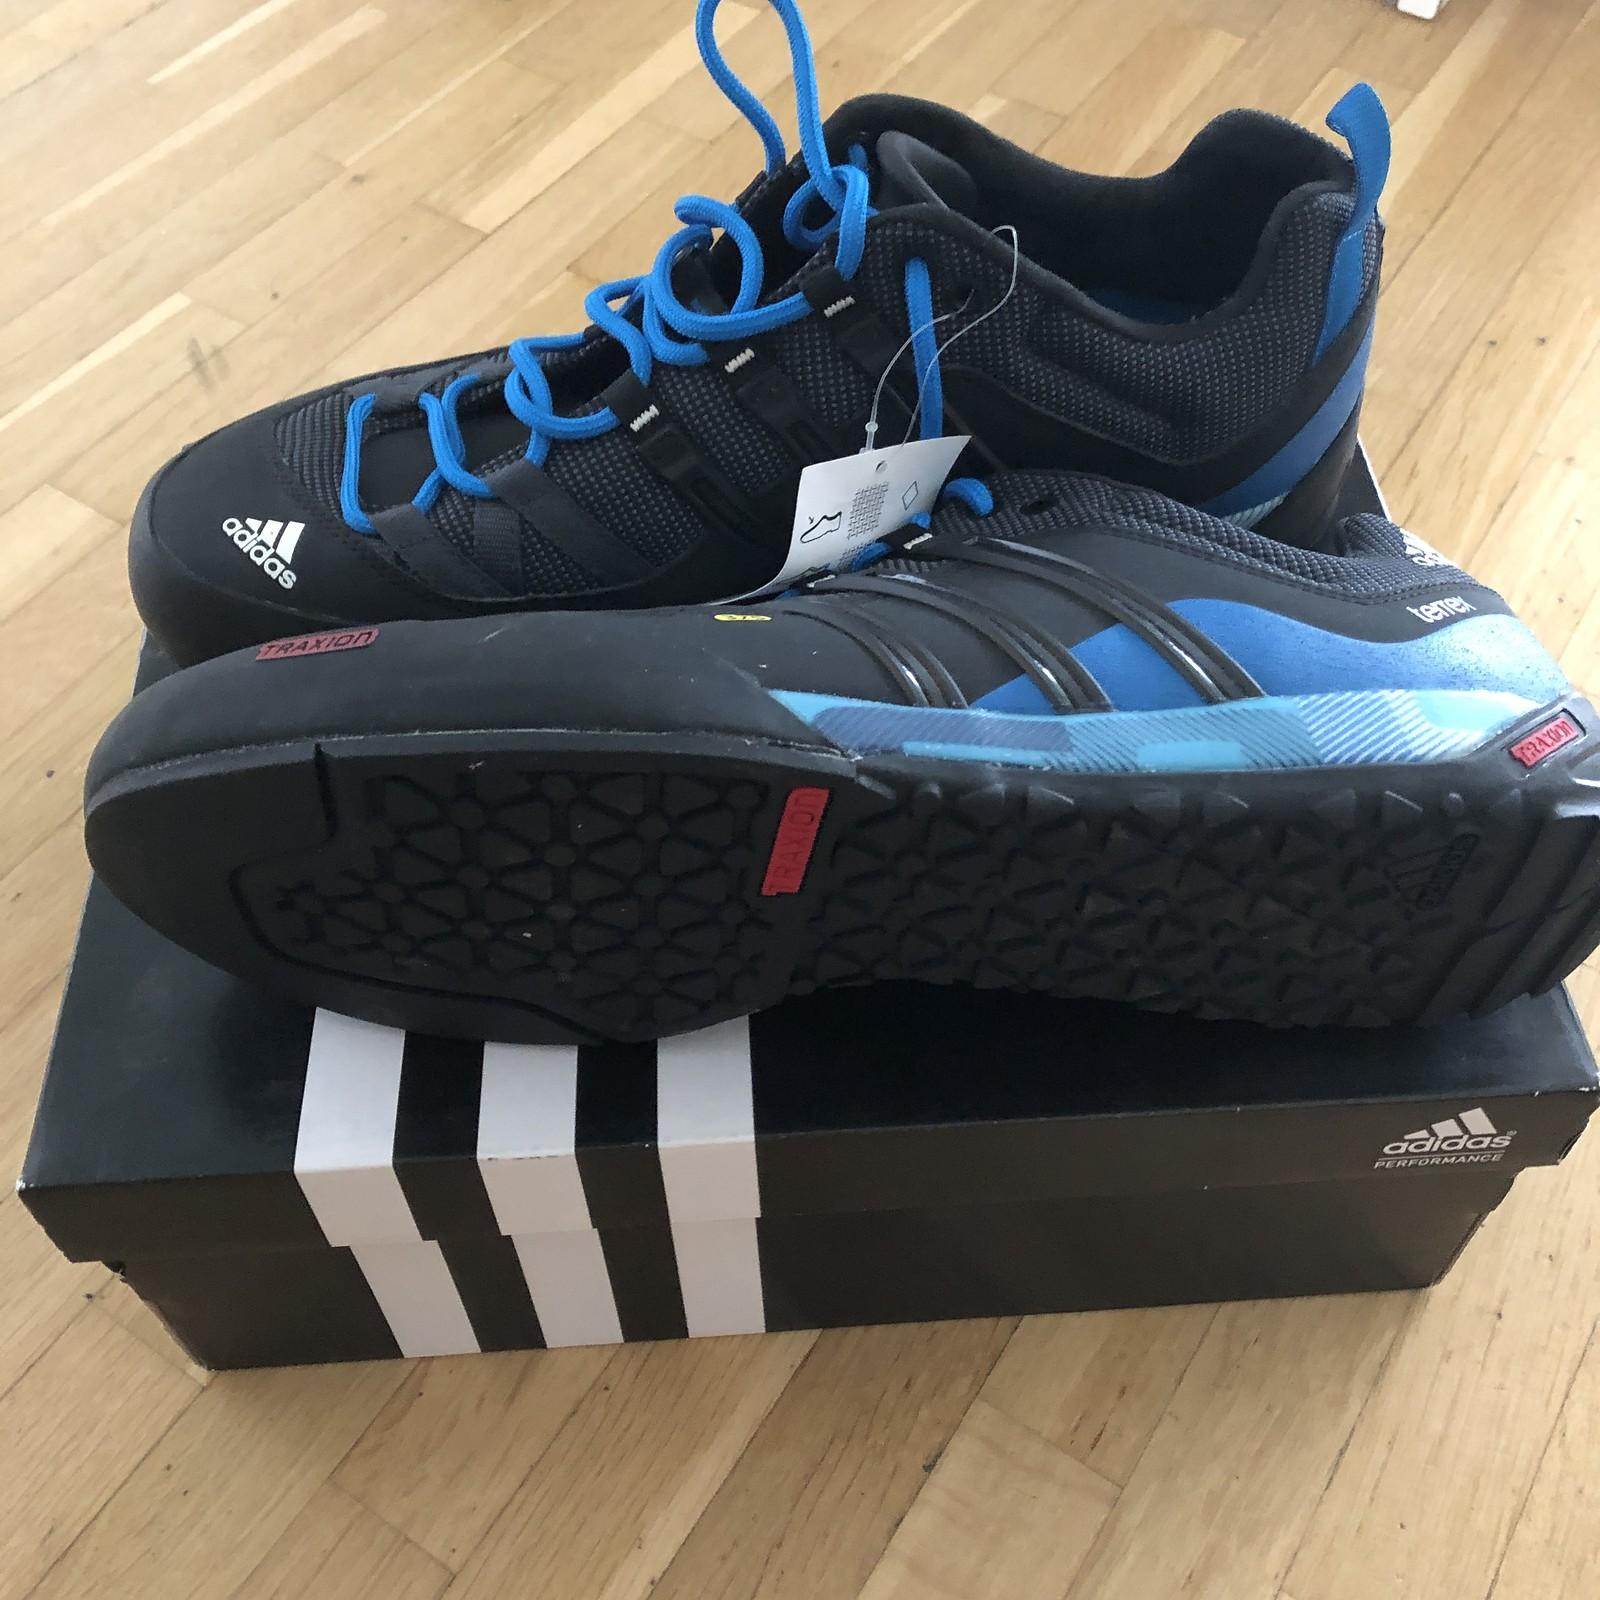 Terrex 5 Adidas 45 Schuhe US 11 11 UK EU Solo cTJlF1K